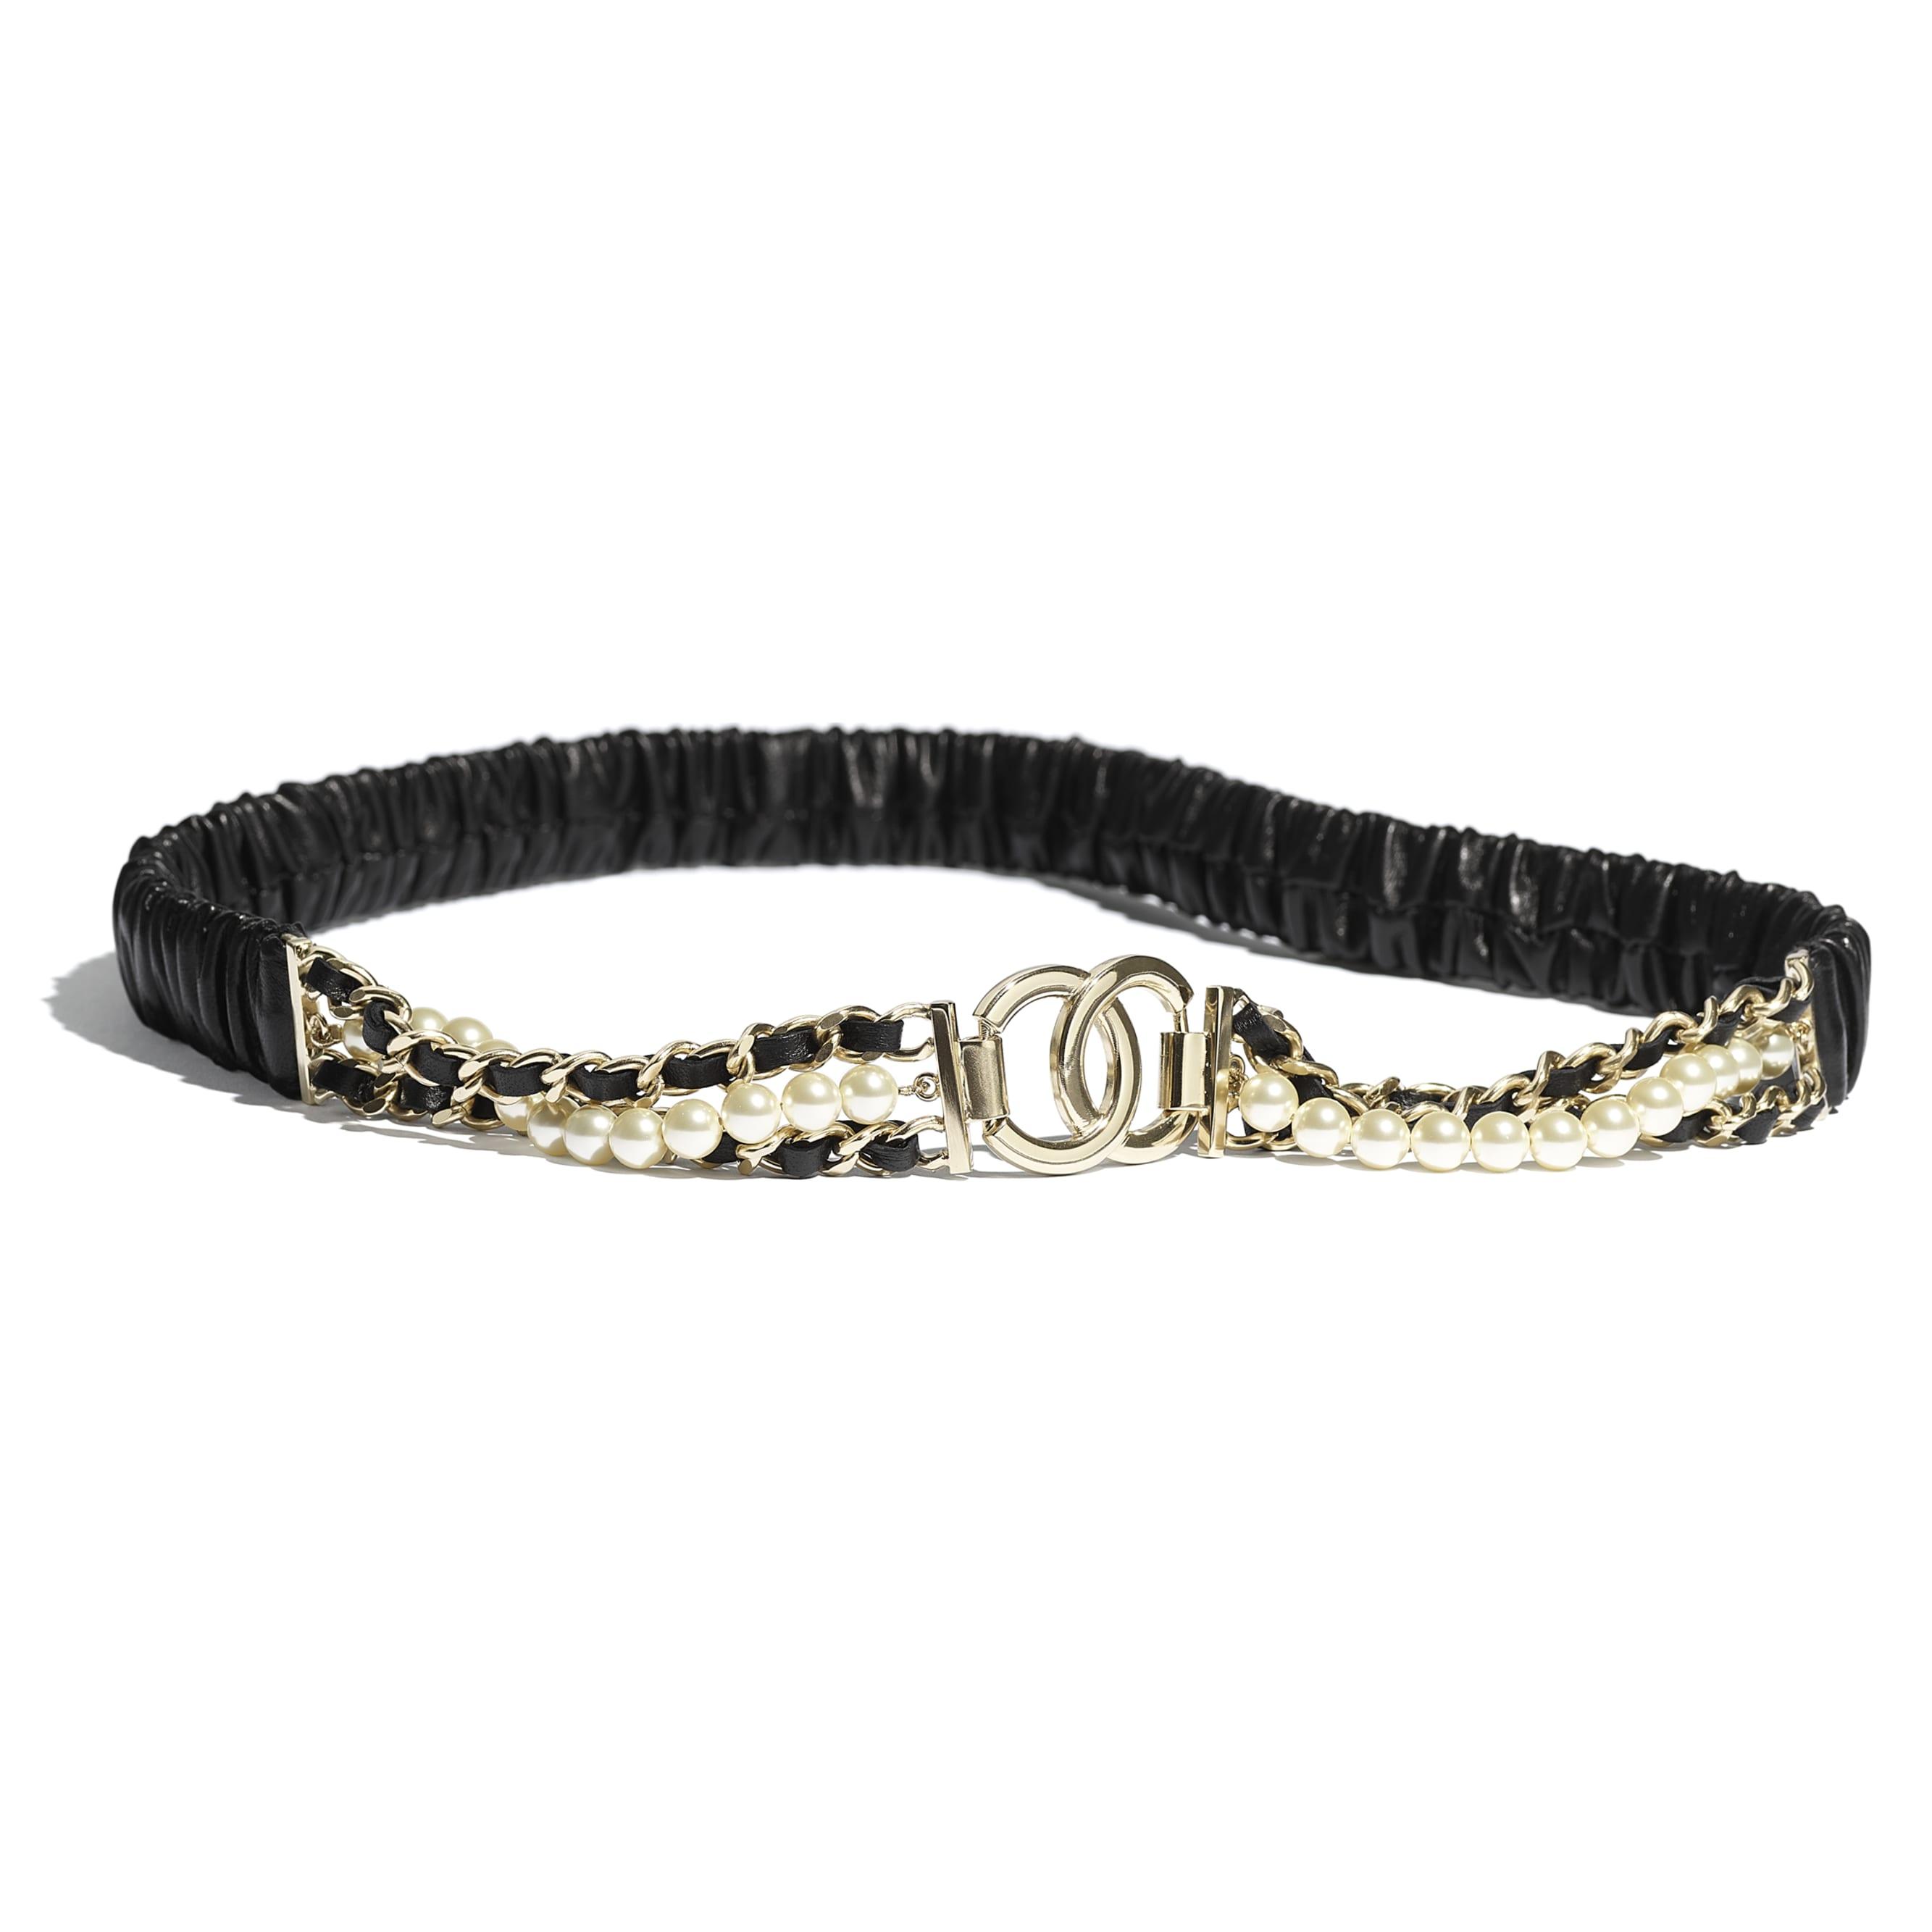 Pasek - Kolor czarny - Skóra jagnięca, metal w tonacji złotej, szklane perły i stras - CHANEL - Widok domyślny – zobacz w standardowym rozmiarze